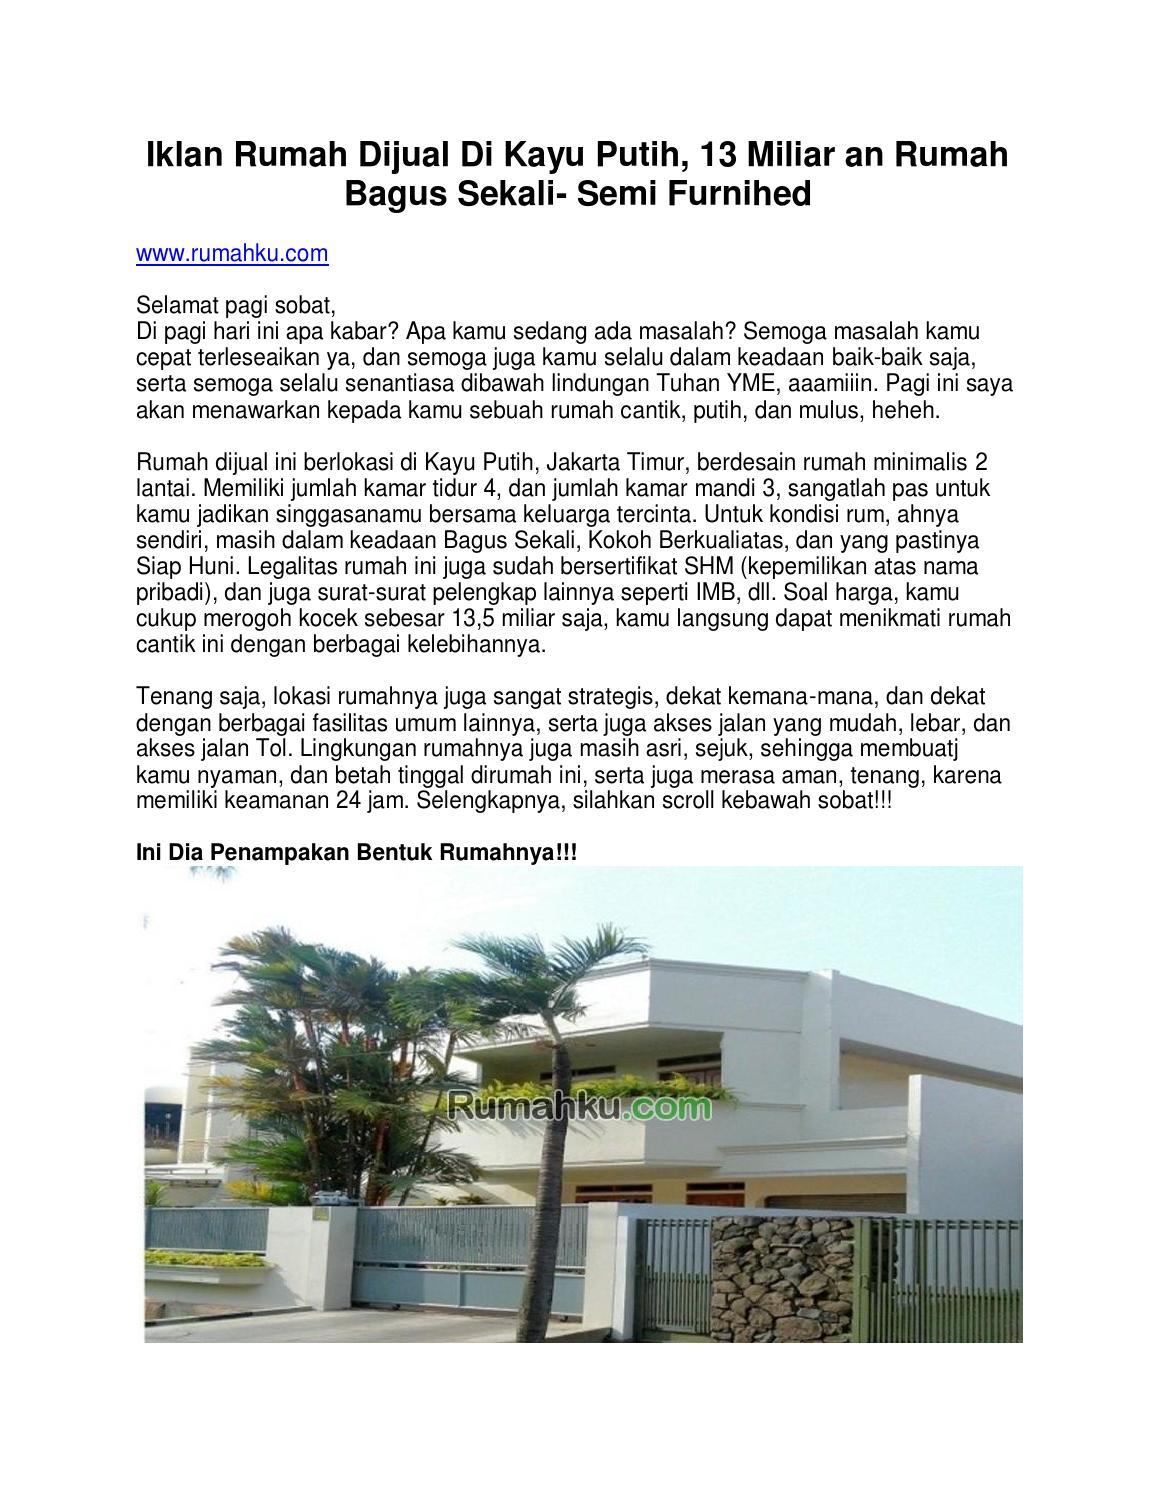 iklan rumah dijual di kayu putih 13 miliar an rumah bagus